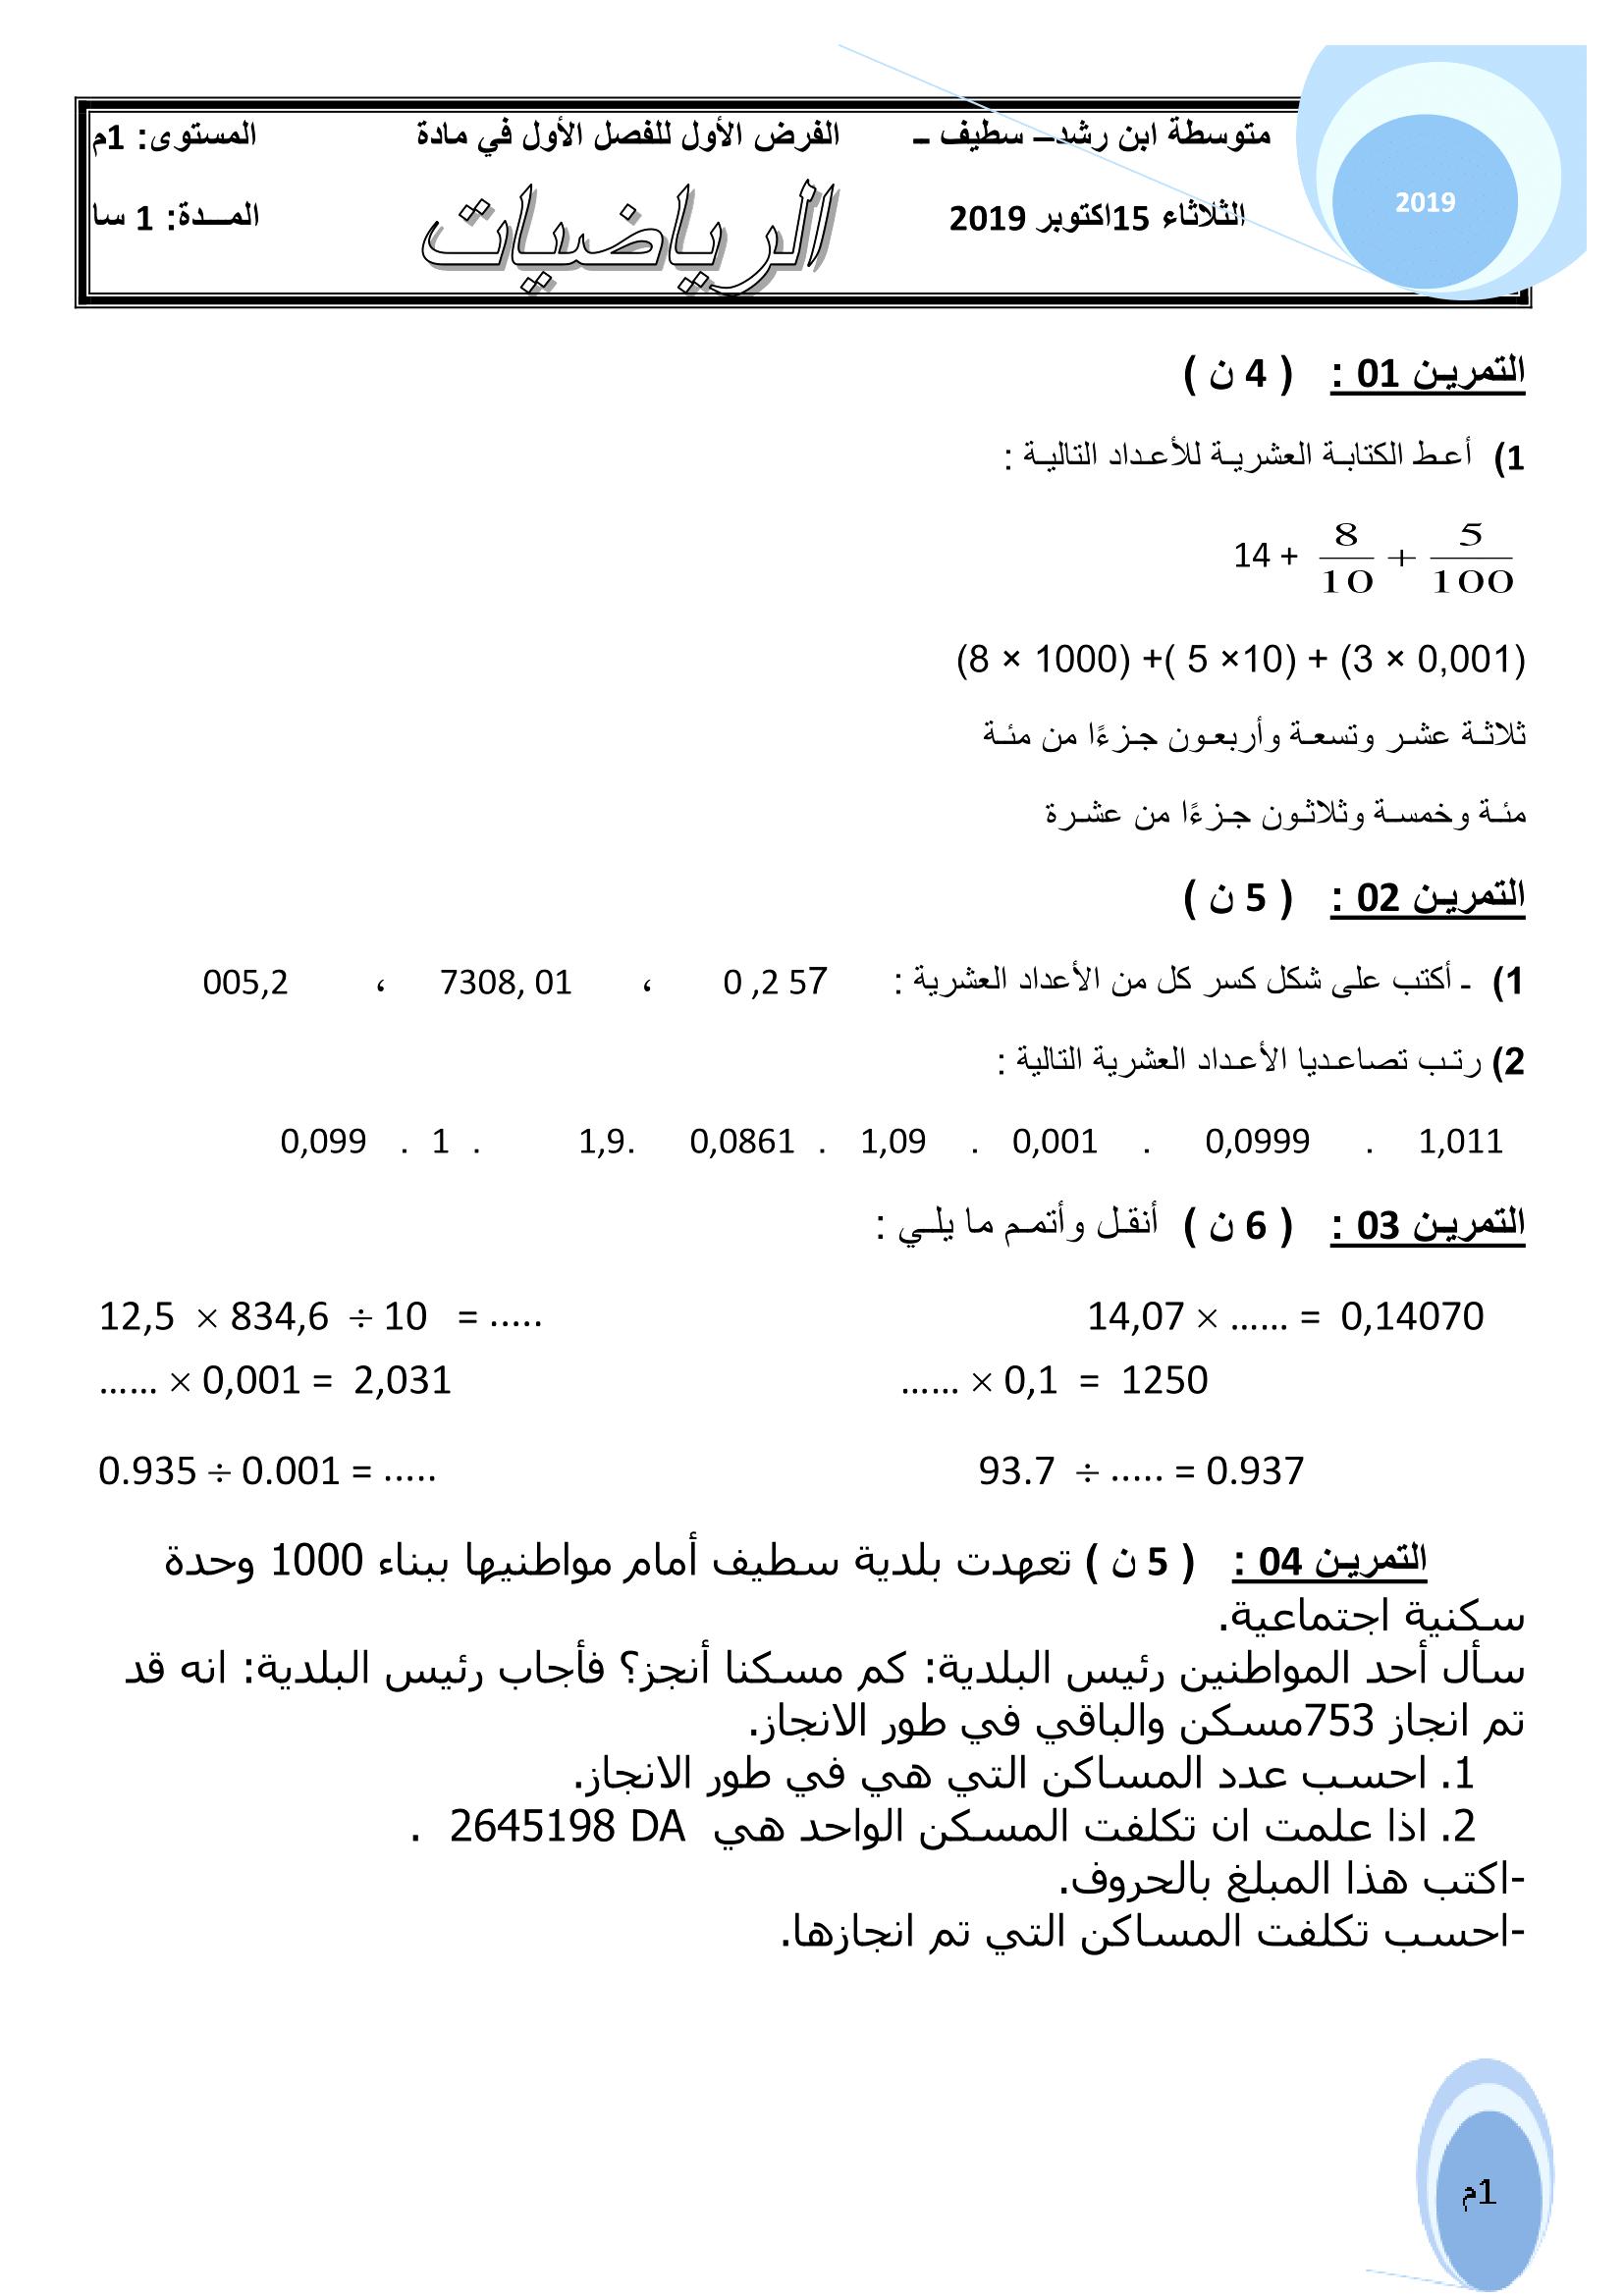 1am Exams Math فروض و اختبارات السنة أولى متوسط مادة الرياضيات الفصل الأول 2019 2020 النموذج 03 Math Exam